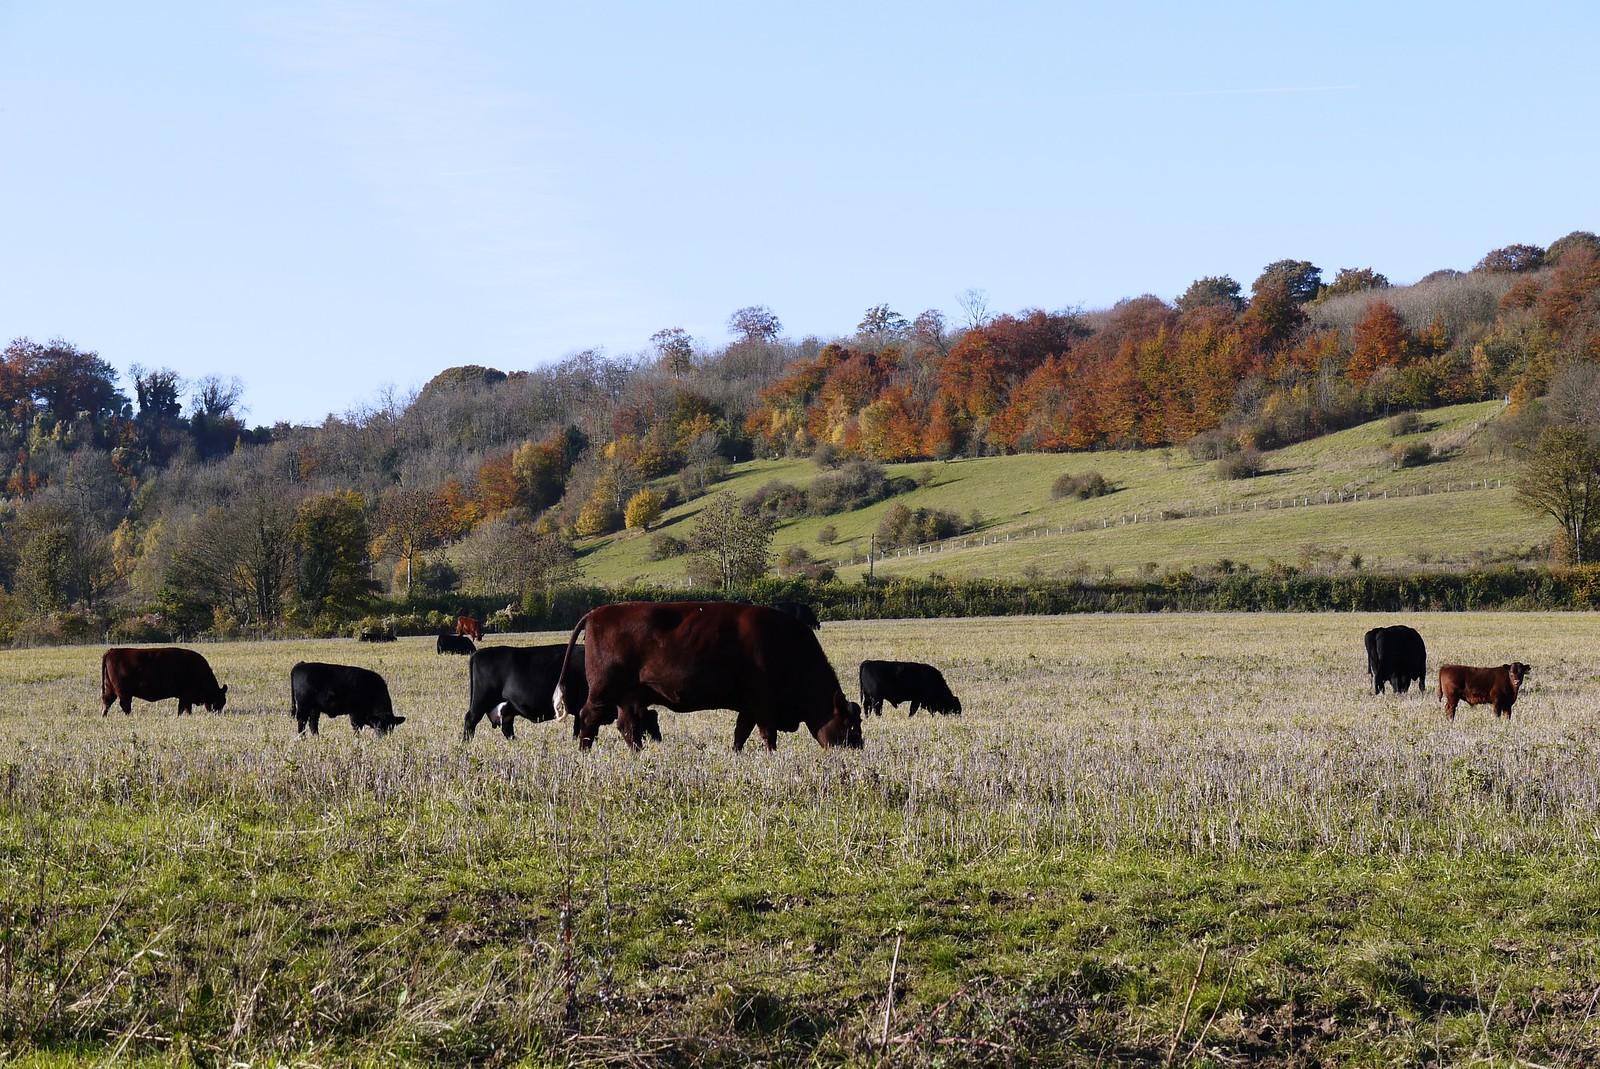 Filston Farm Otford to Eynsford